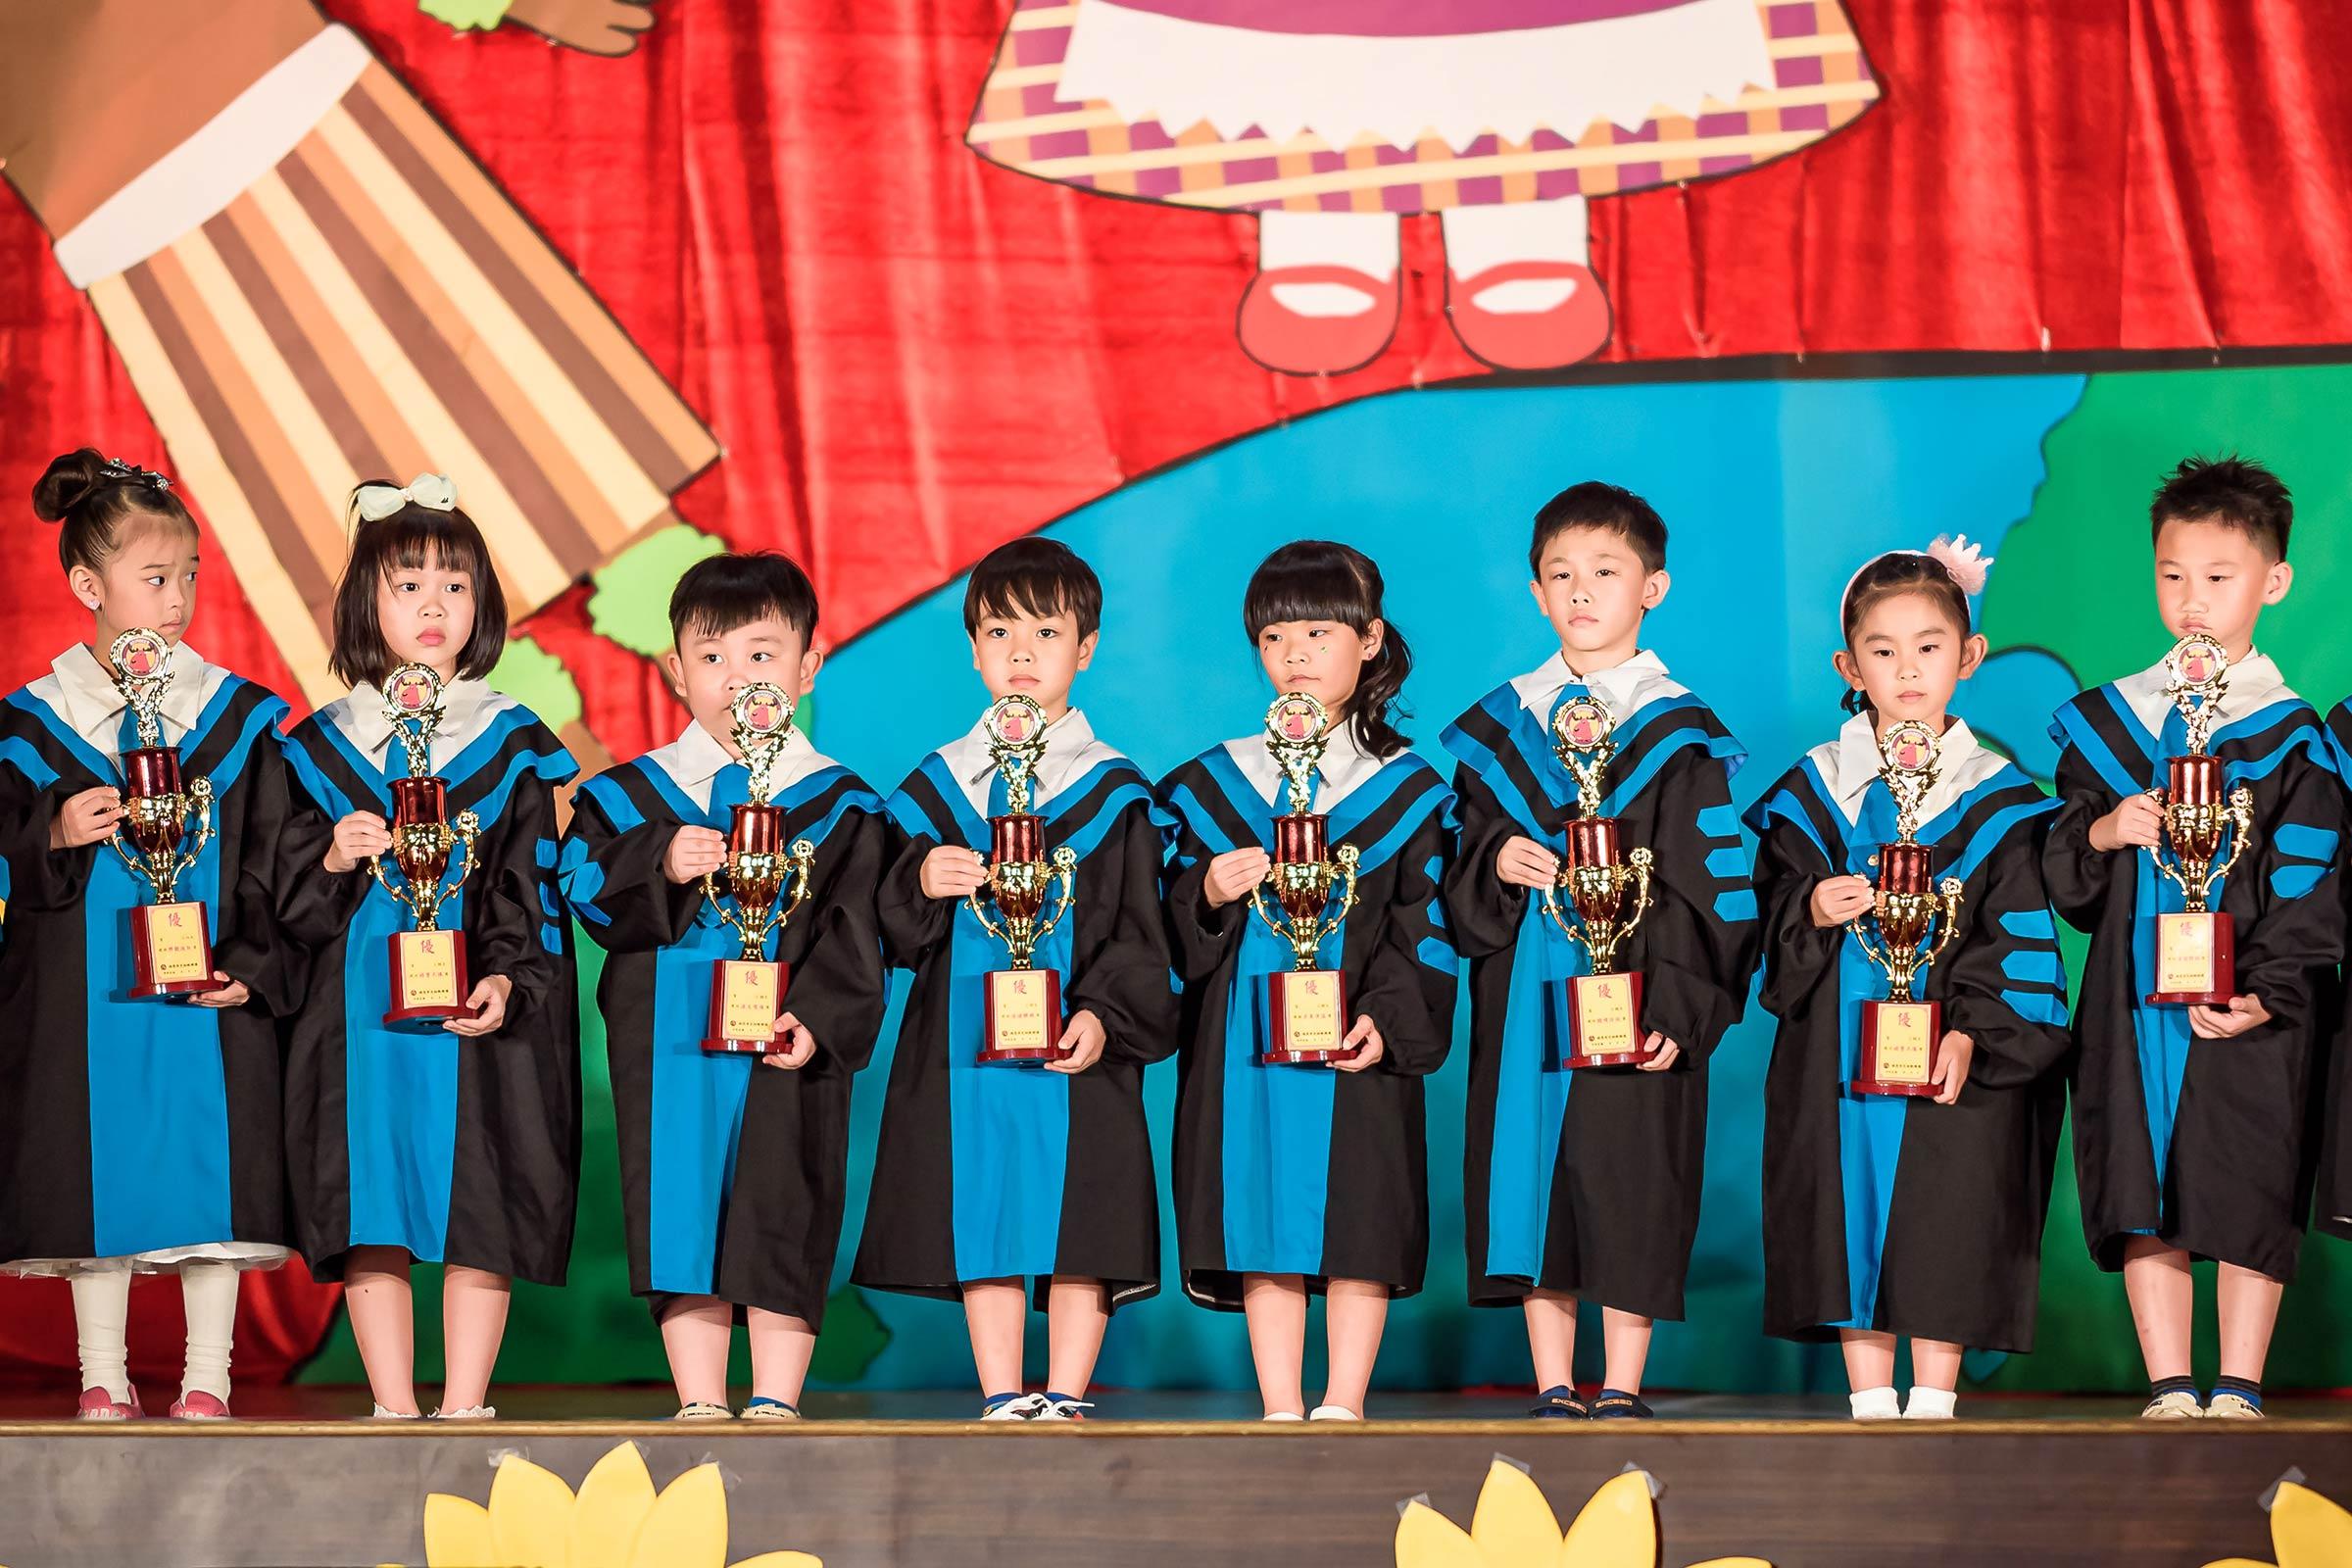 幼兒園畢業典禮拍攝 幼稚園畢業典禮攝影 活動紀錄攝影 瑞恩帝兒 台上頒獎